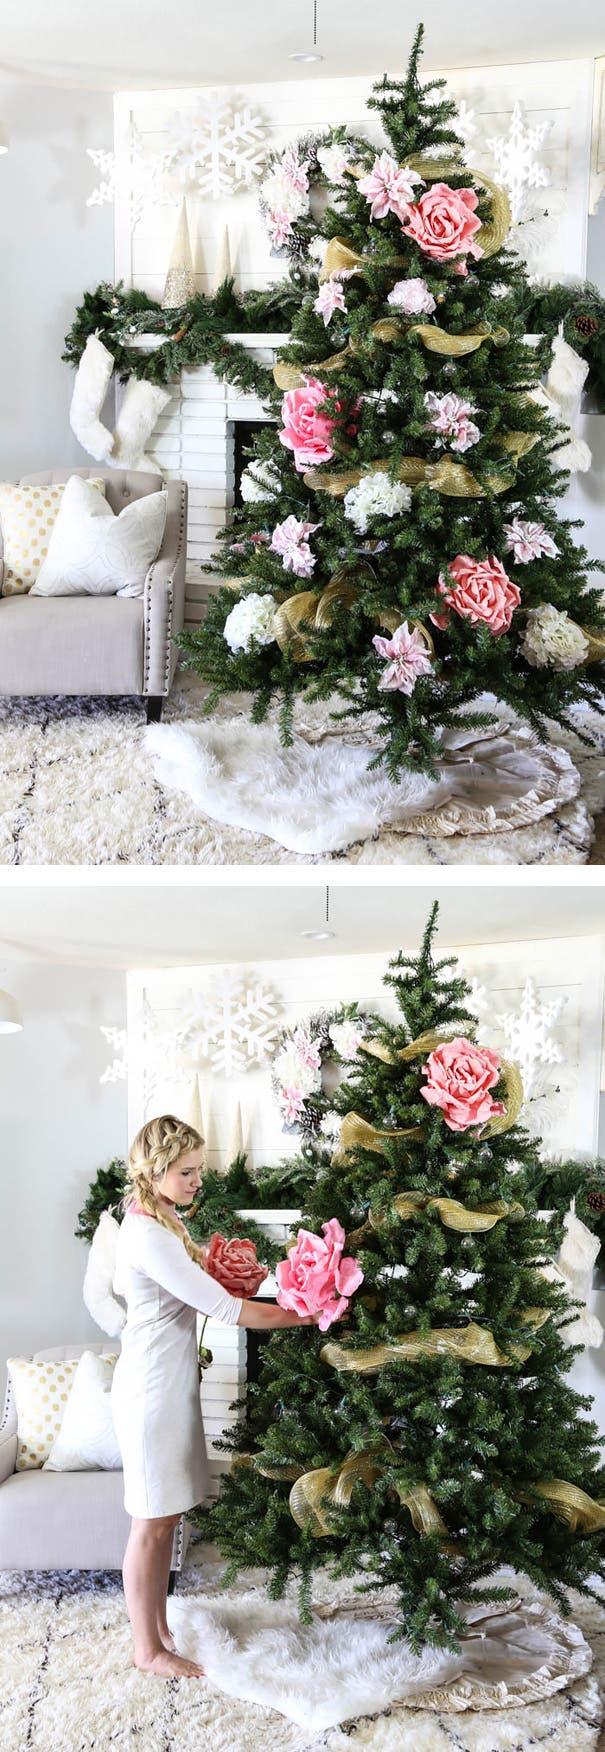 arbol-de-navidad-de-flores12